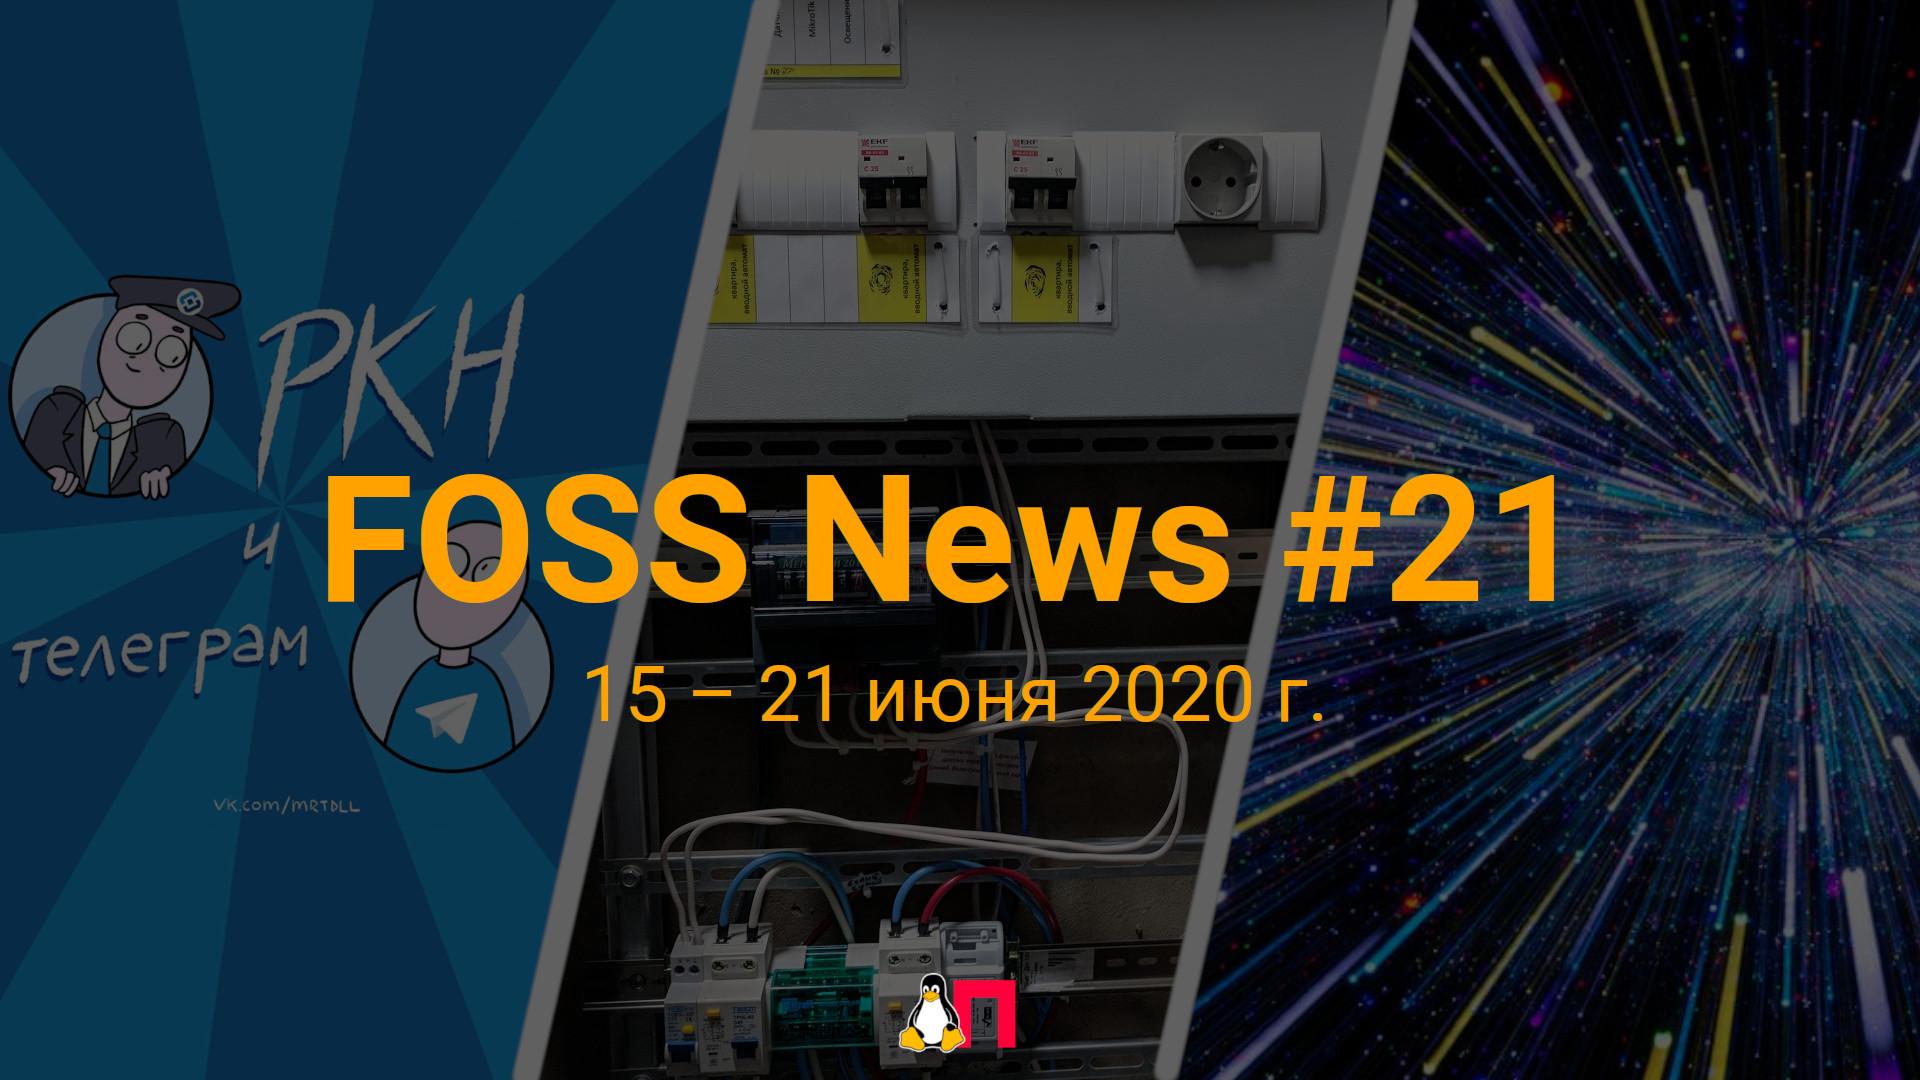 FOSS News 21  обзор новостей свободного и открытого ПО за 15-21 июня 2020 года